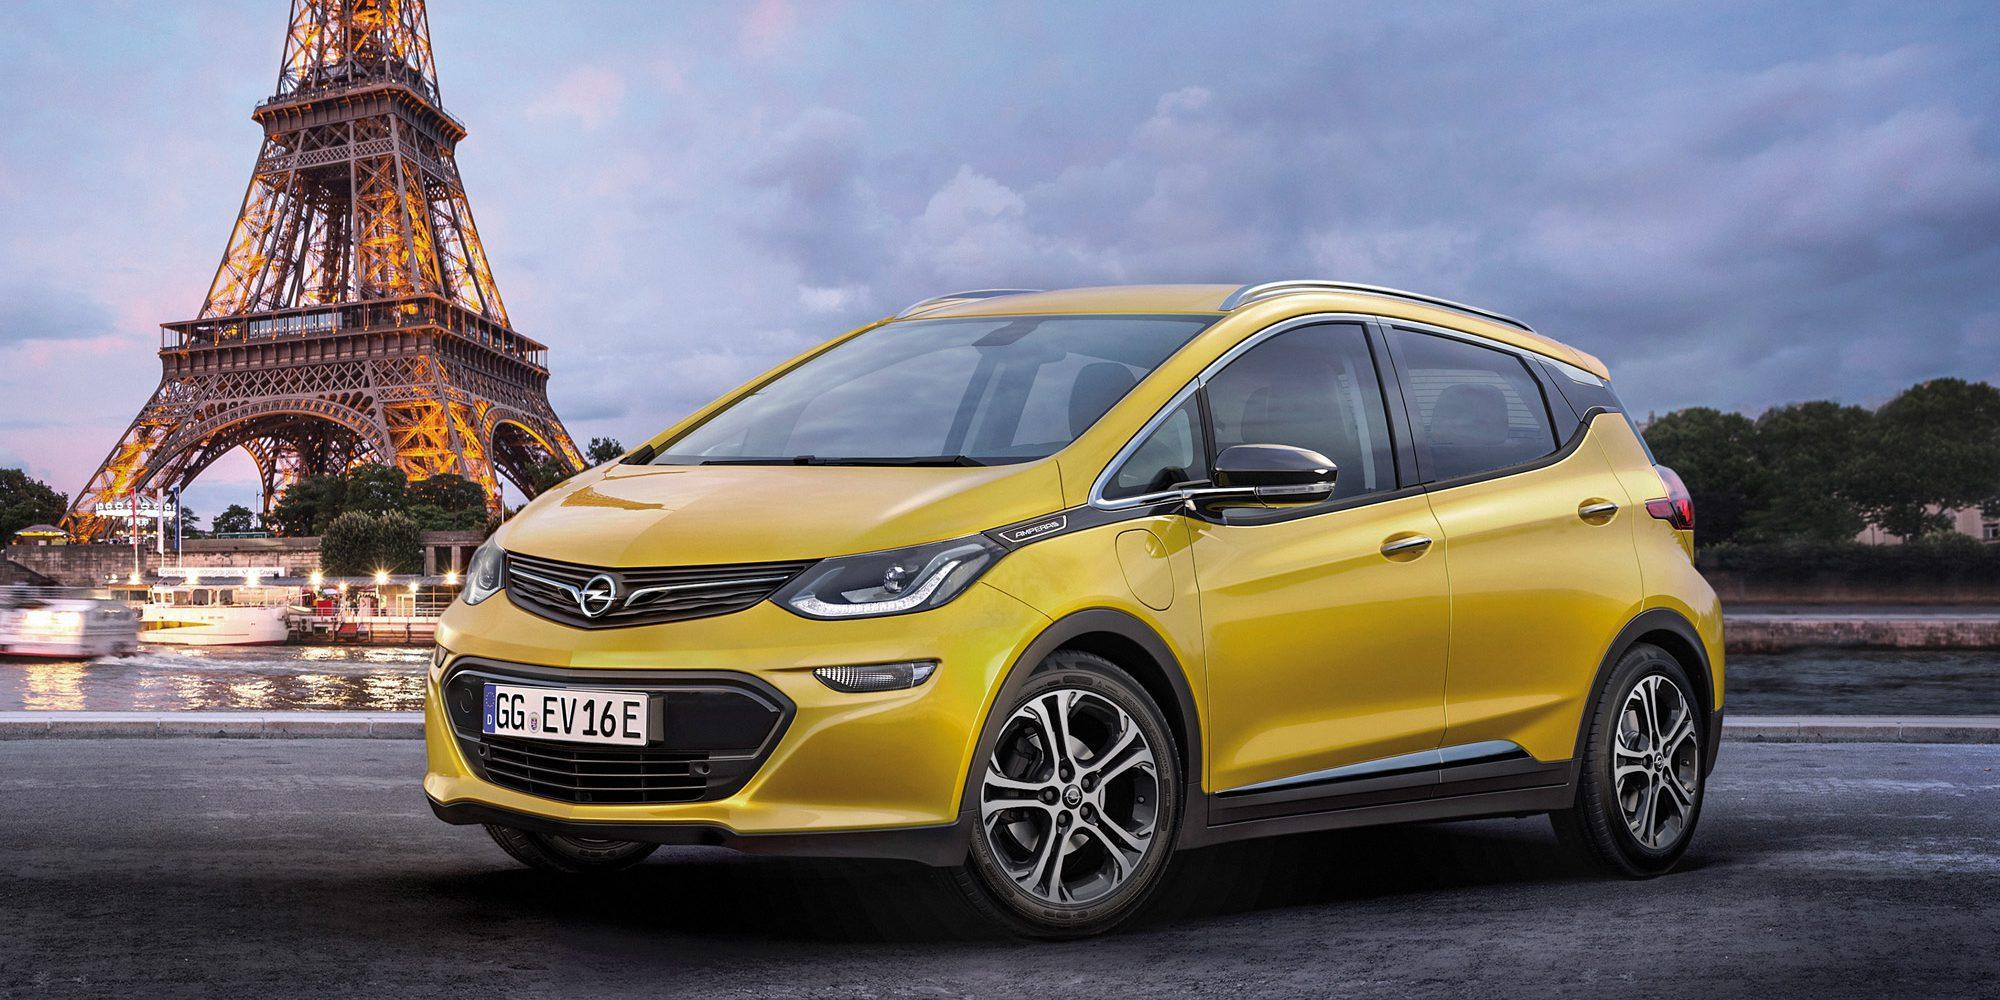 Chevrolet Bolt EV з'явиться в Європі під брендом Opel Ampera-е